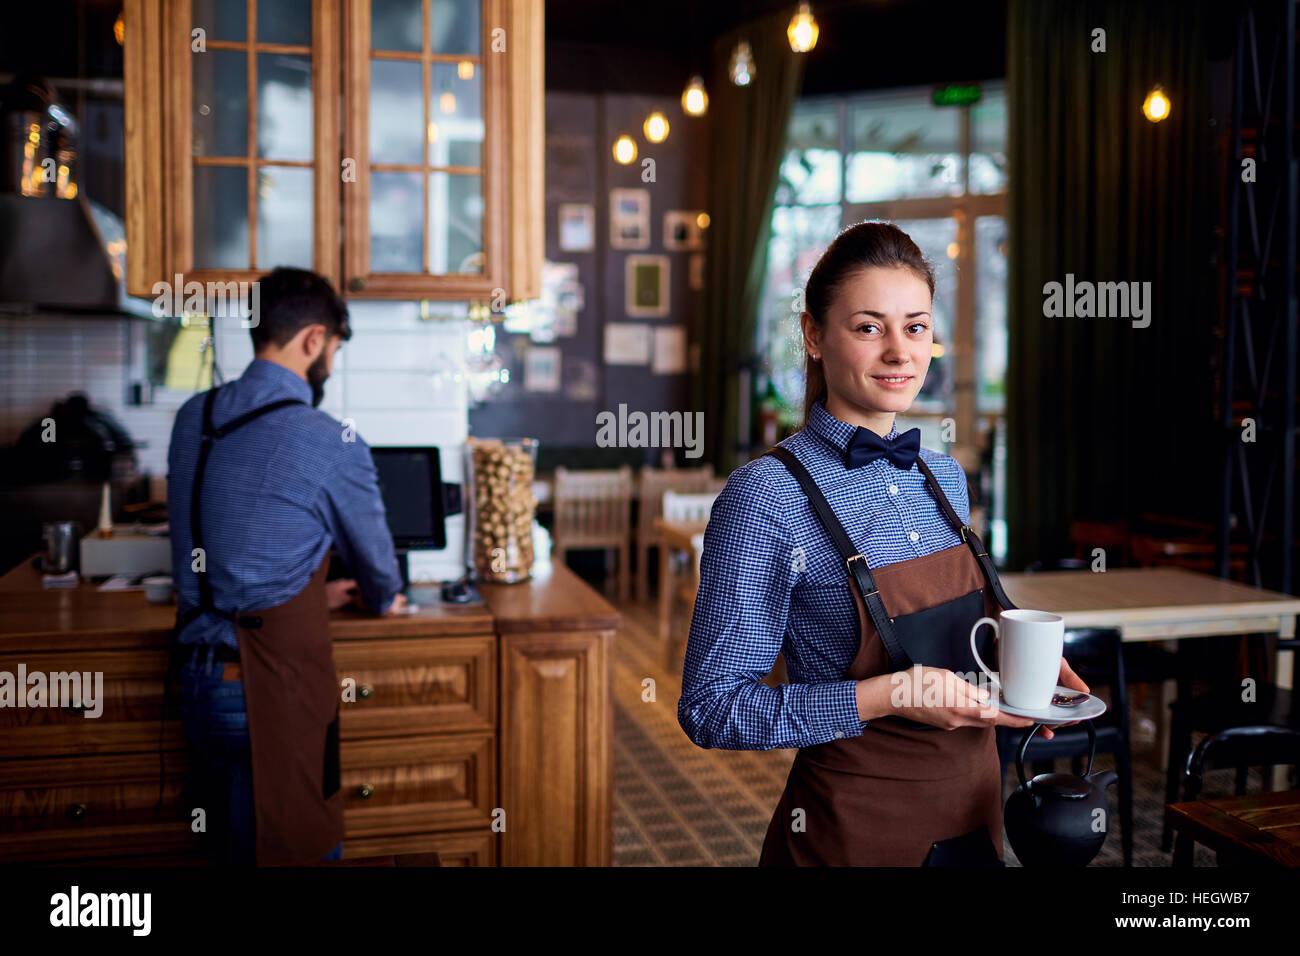 Kellnerin, Kellner arbeiten bei Cafe Bar restaurant Stockbild